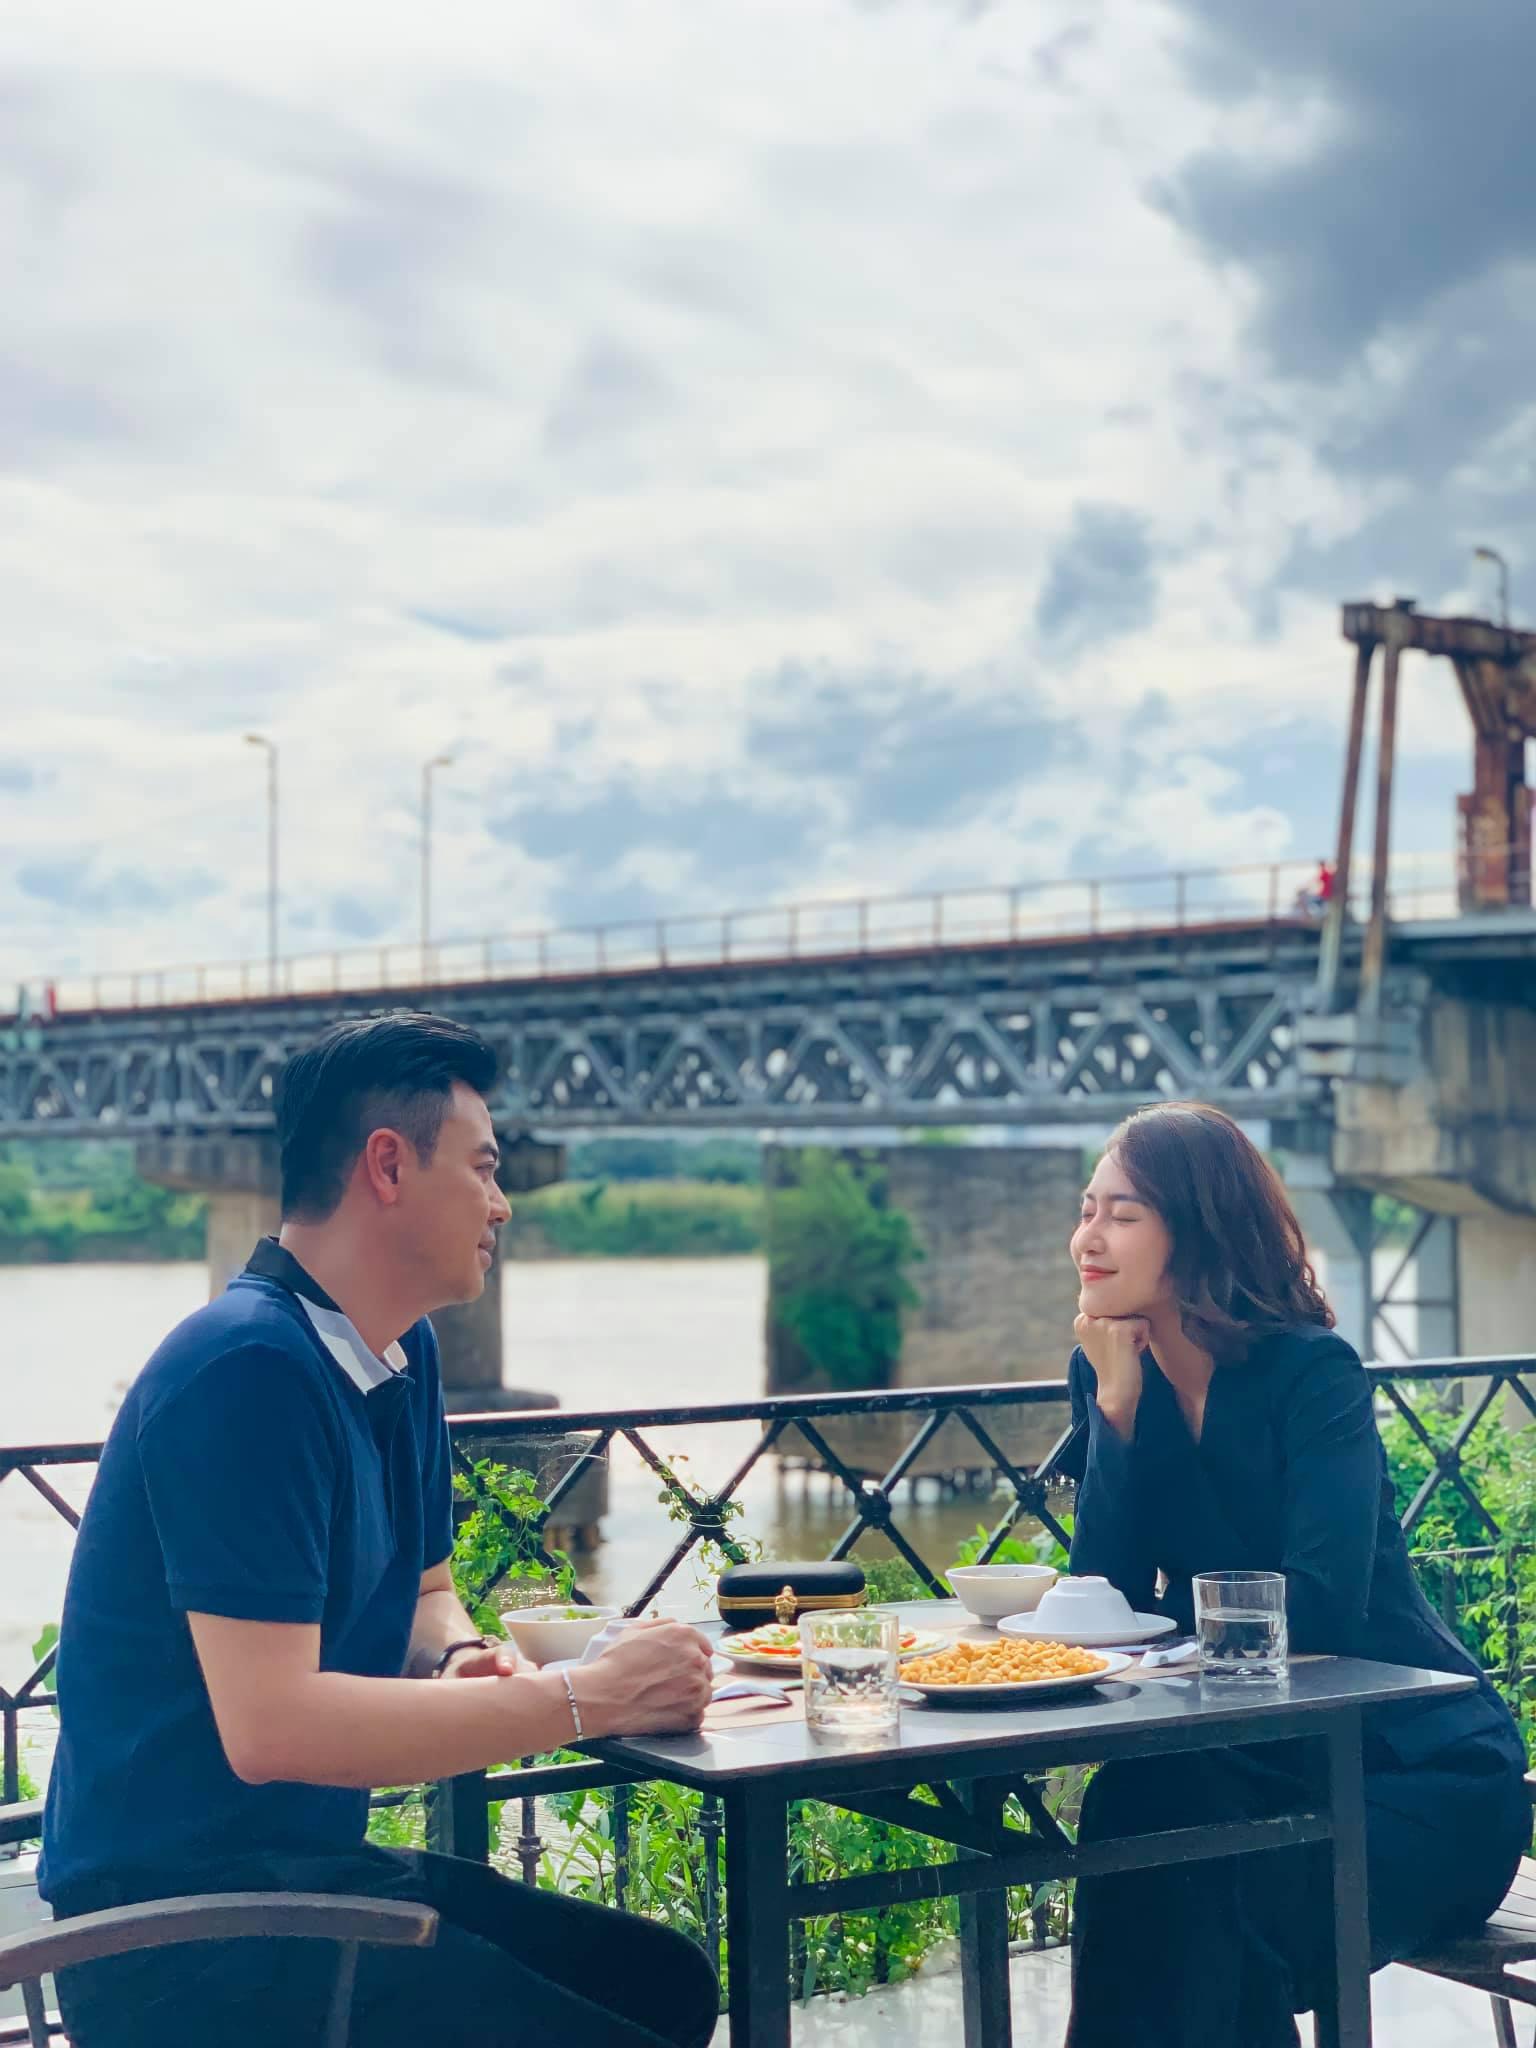 11 tháng 5 ngày: Xem lại loạt ảnh đẹp đưa tiễn cuộc tình Nhi - Thuận, Tuấn Tú hé lộ còn quay trở lại chưa hết vai - Ảnh 5.